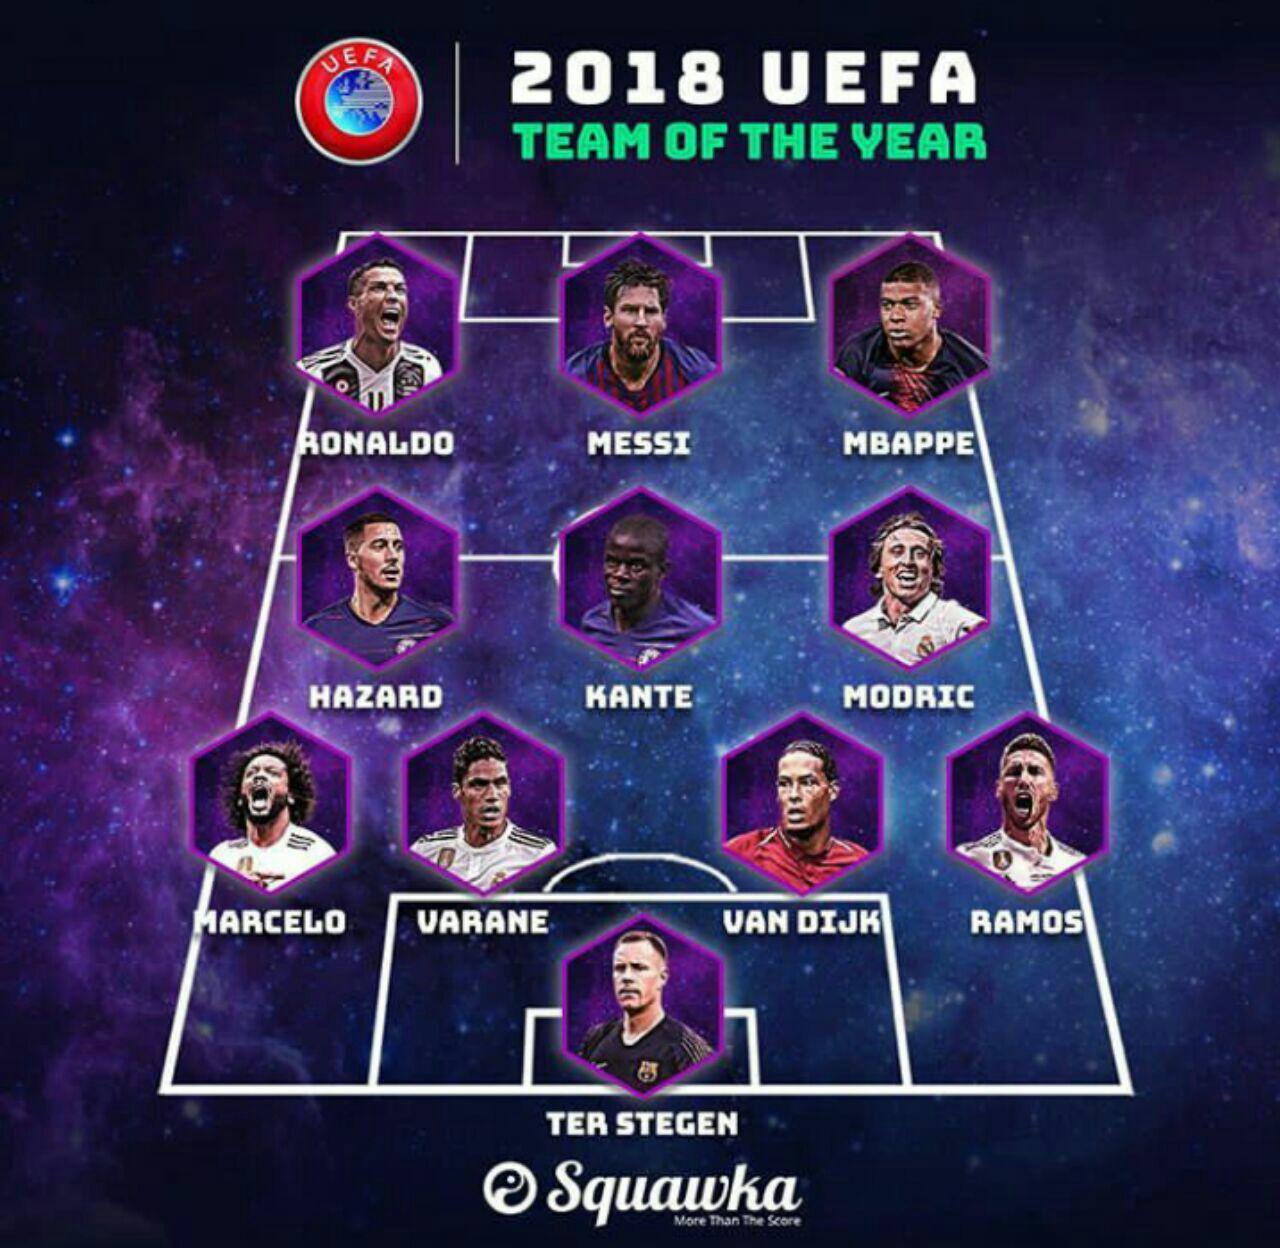 تیم منتخب سال ۲۰۱۸ فوتبال جهان معرفی شد